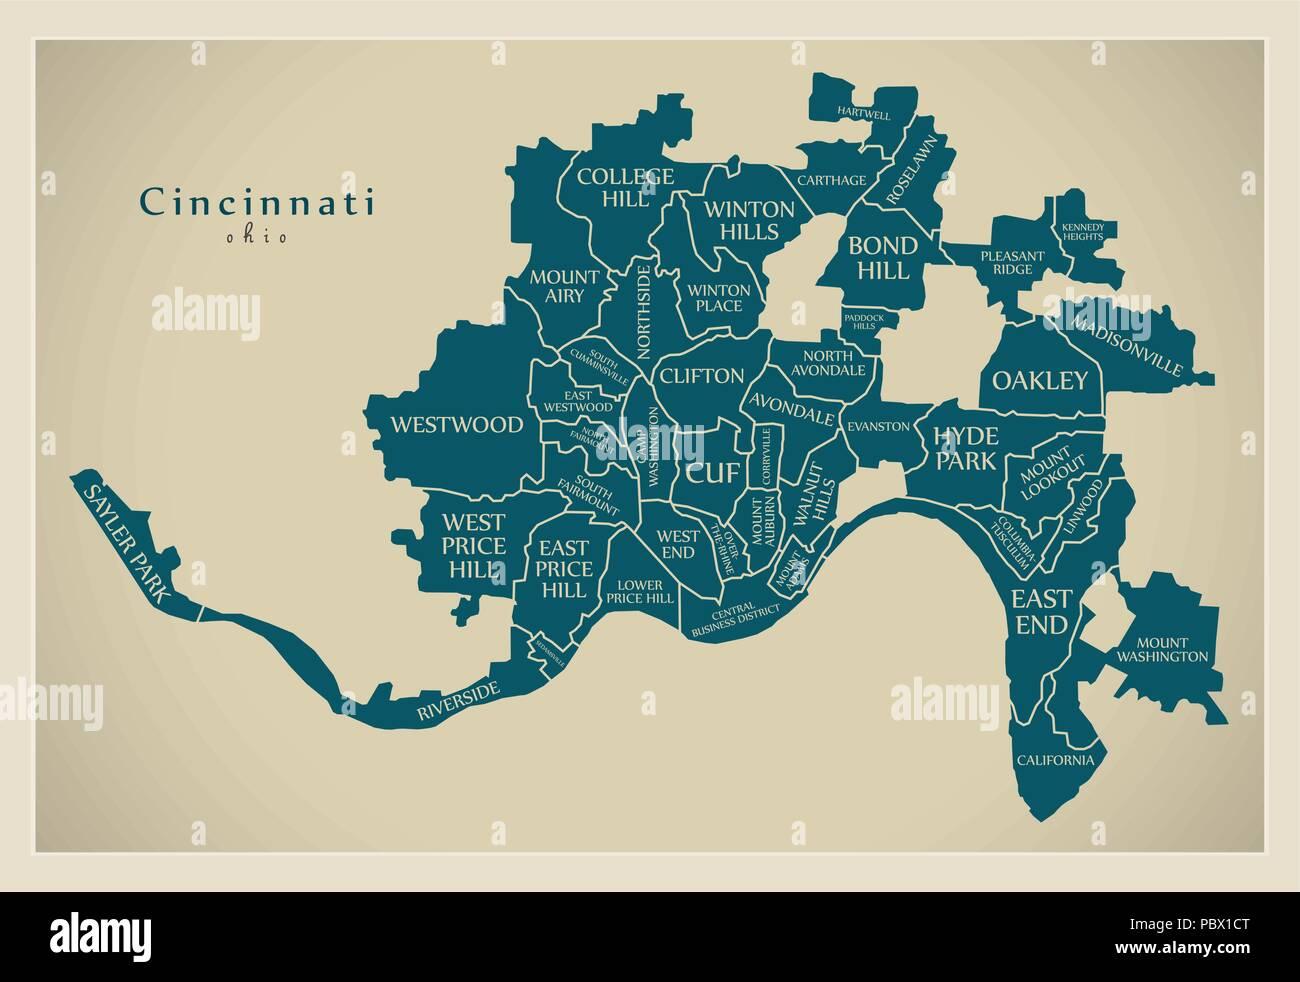 Modern City Map - Cincinnati Ohio city of the USA with ... on cincinnati ghetto, cincinnati schools, cincinnati spikes, cincinnati carousel, cincinnati shaper, cincinnati traffic, cincinnati united, cincinnati cop, cincinnati metro bus, cincinnati sunset, cincinnati events, cincinnati transportation, cincinnati night, cincinnati contemporary arts center, cincinnati neighborhoods demographics, cincinnati development, cincinnati convention center, cincinnati projects, hamilton county ohio map,